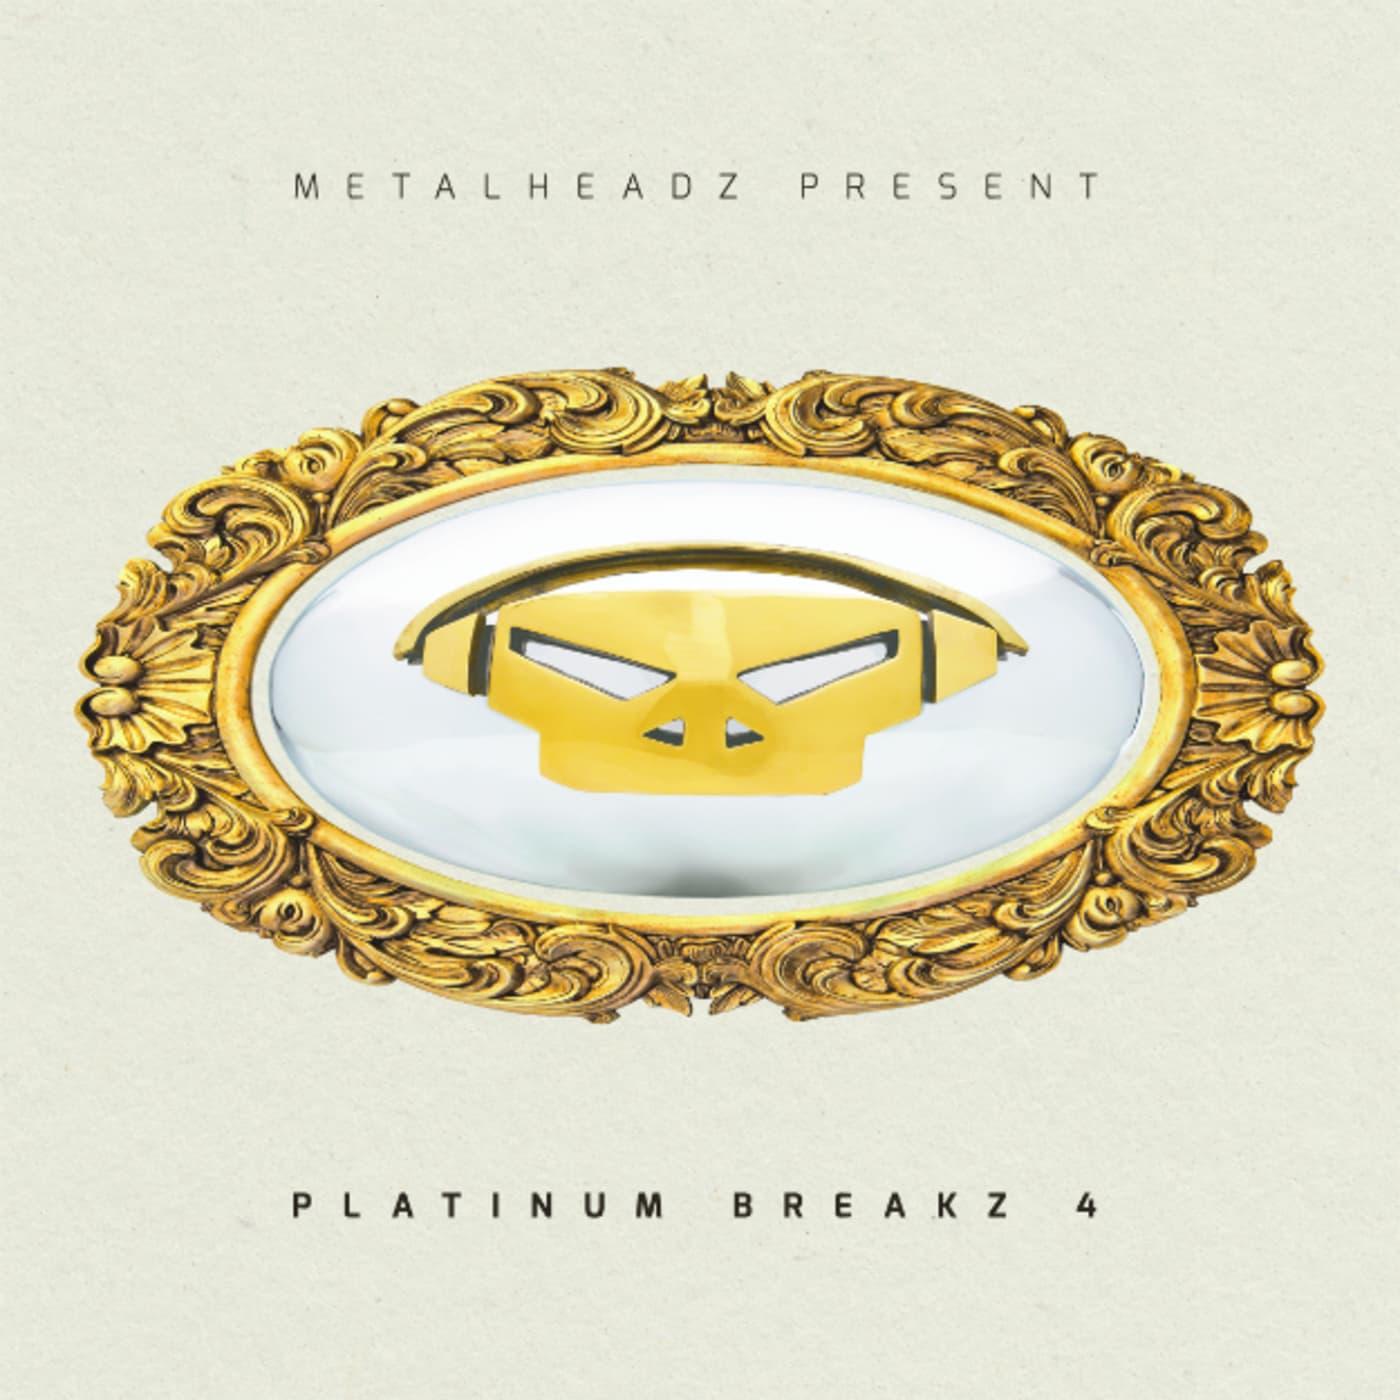 platinum breakz 4 cover